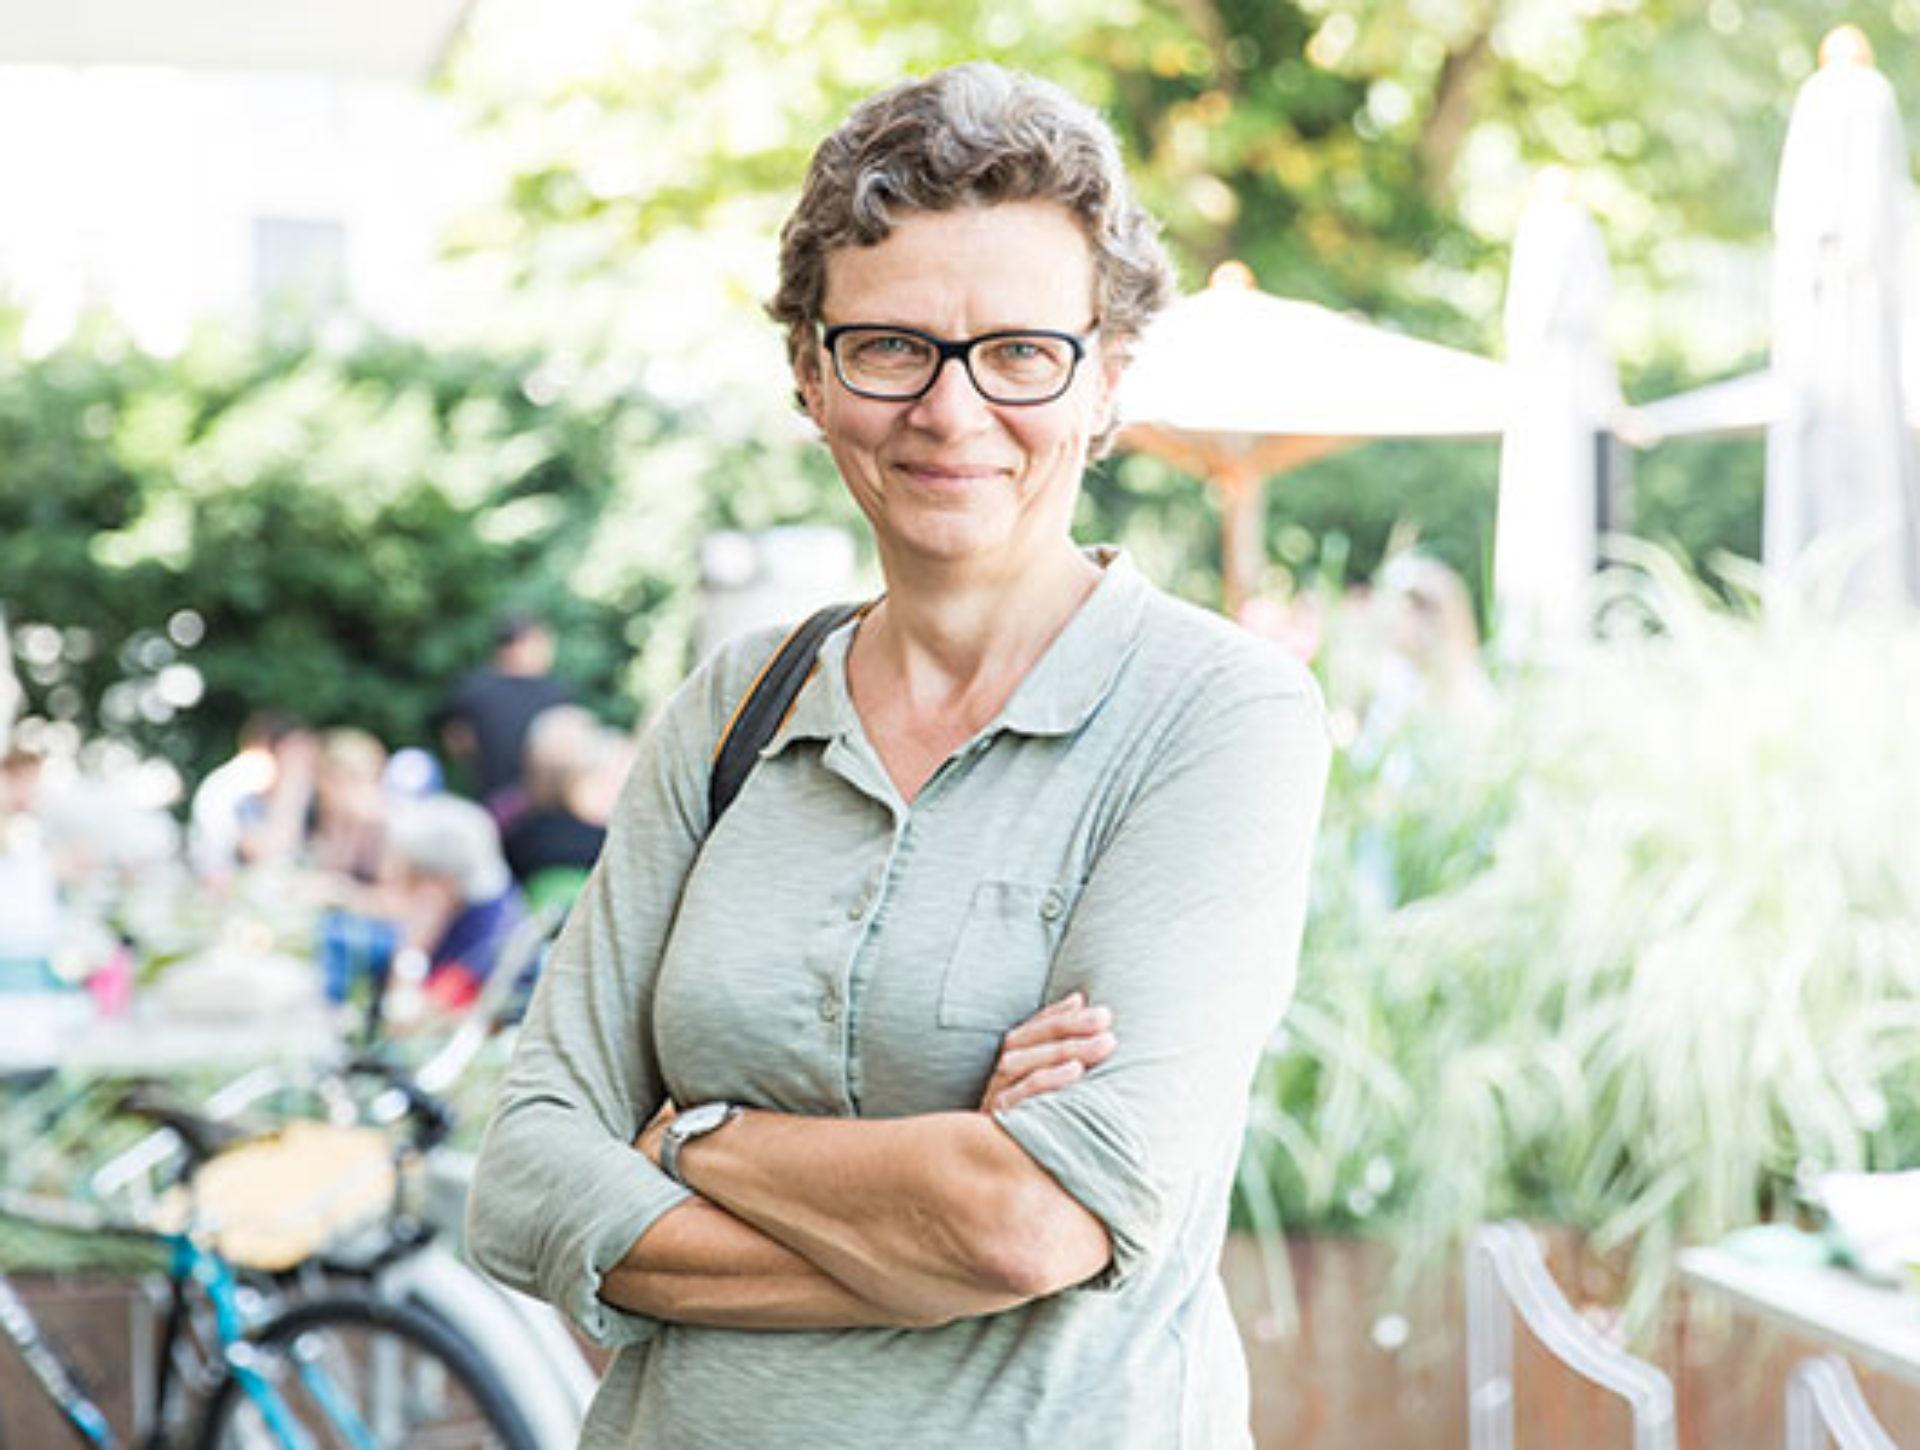 Margrit Würsch-Büchi, IV-Stelle  «Die Wärchbrogg schafft attraktive und sinnvolle Arbeitsplätze, beeindruckend! Wir pflegen eine sehr konstruktive Zusammenarbeit.»